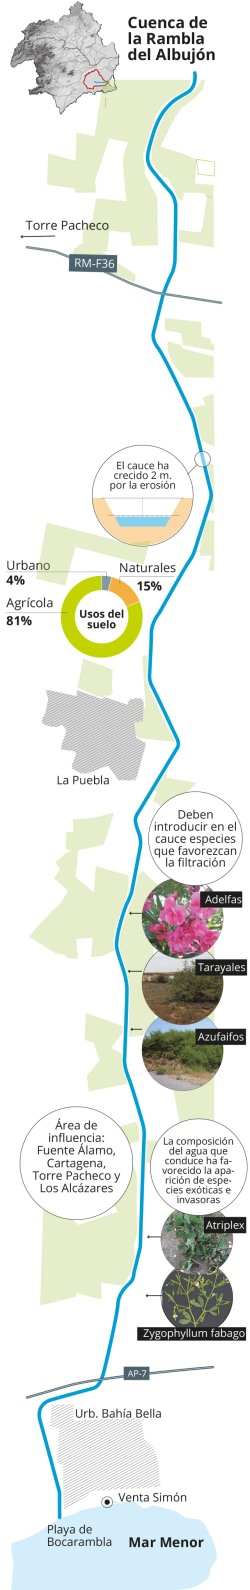 Mapa-de-la-rambla-ok